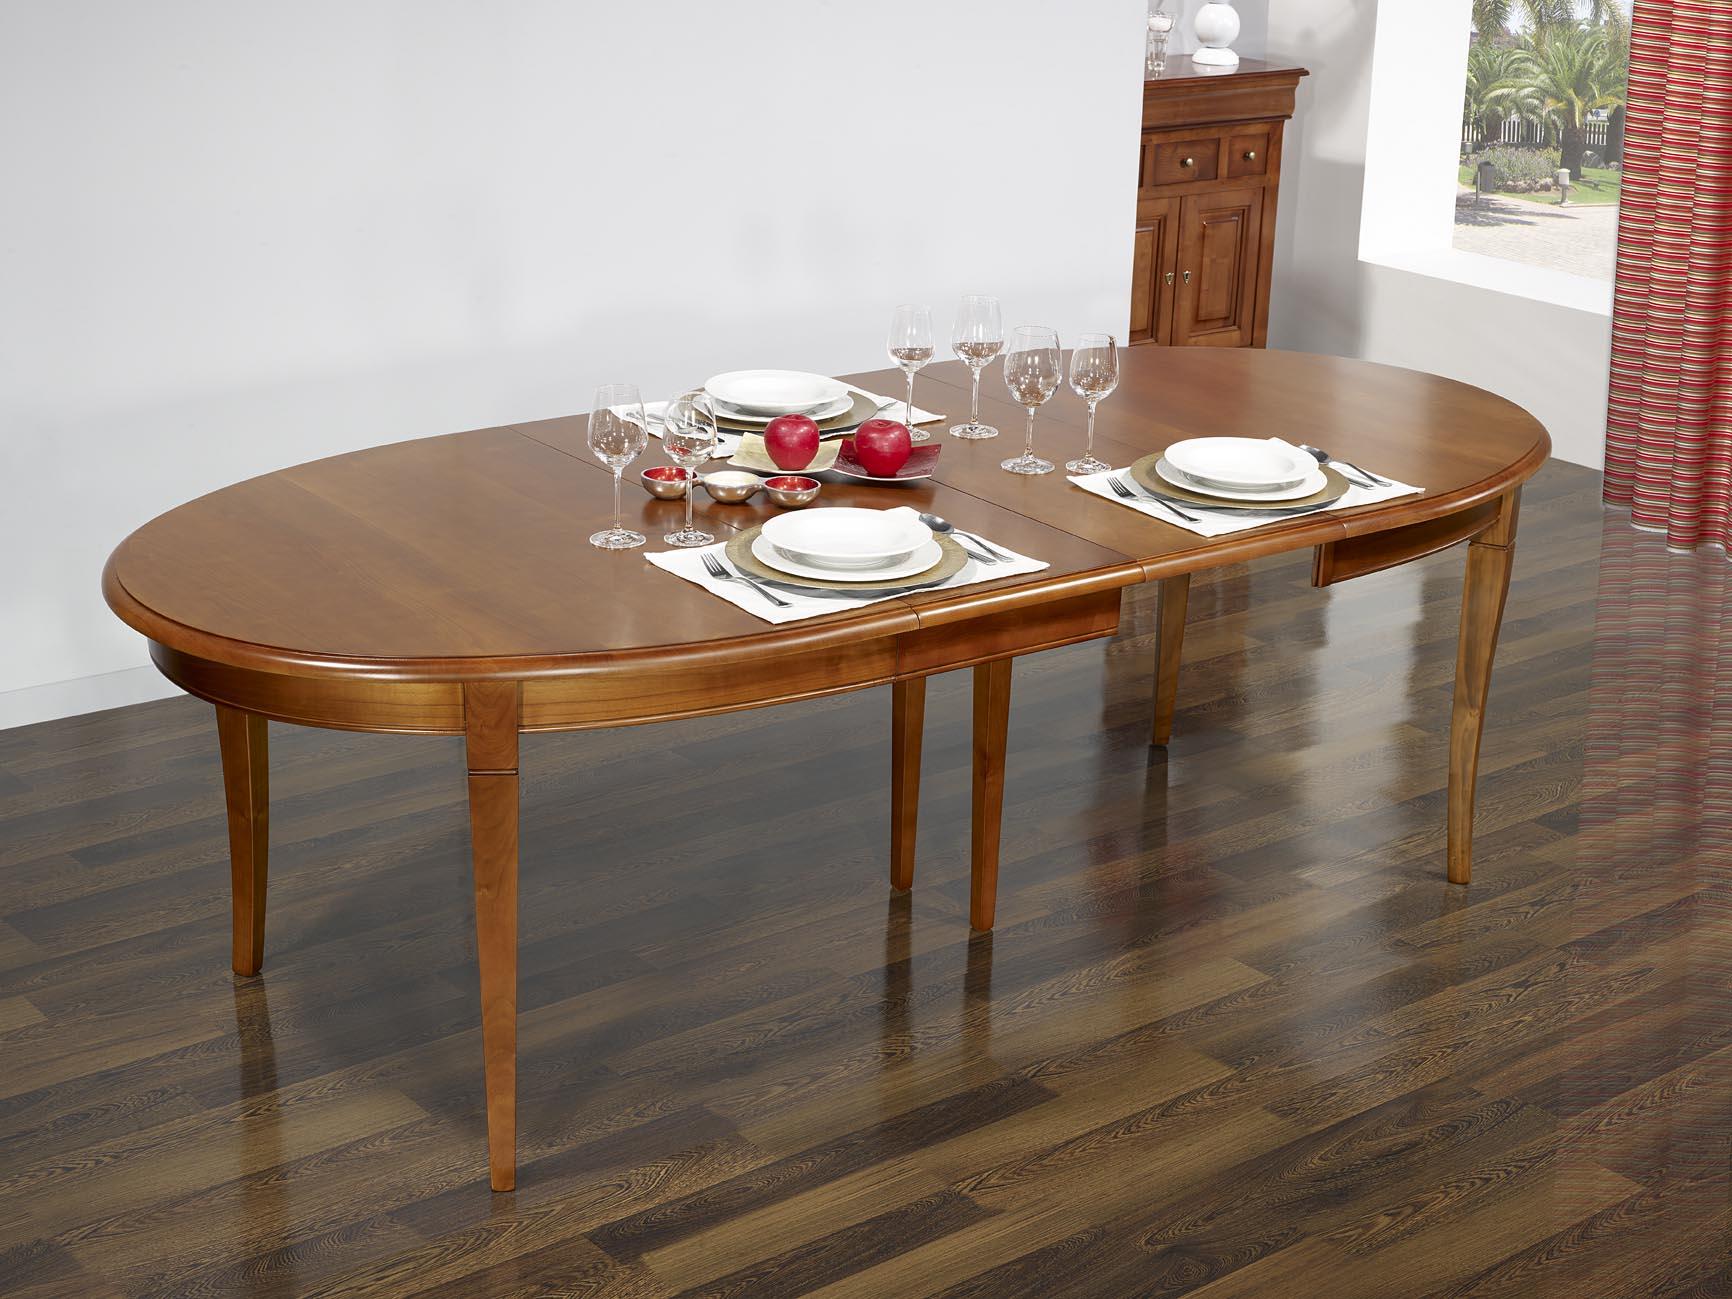 #96353C Table Ovale De Salle à Manger Estelle En Merisier Massif  4415 deco salle a manger louis philippe 1732x1299 px @ aertt.com